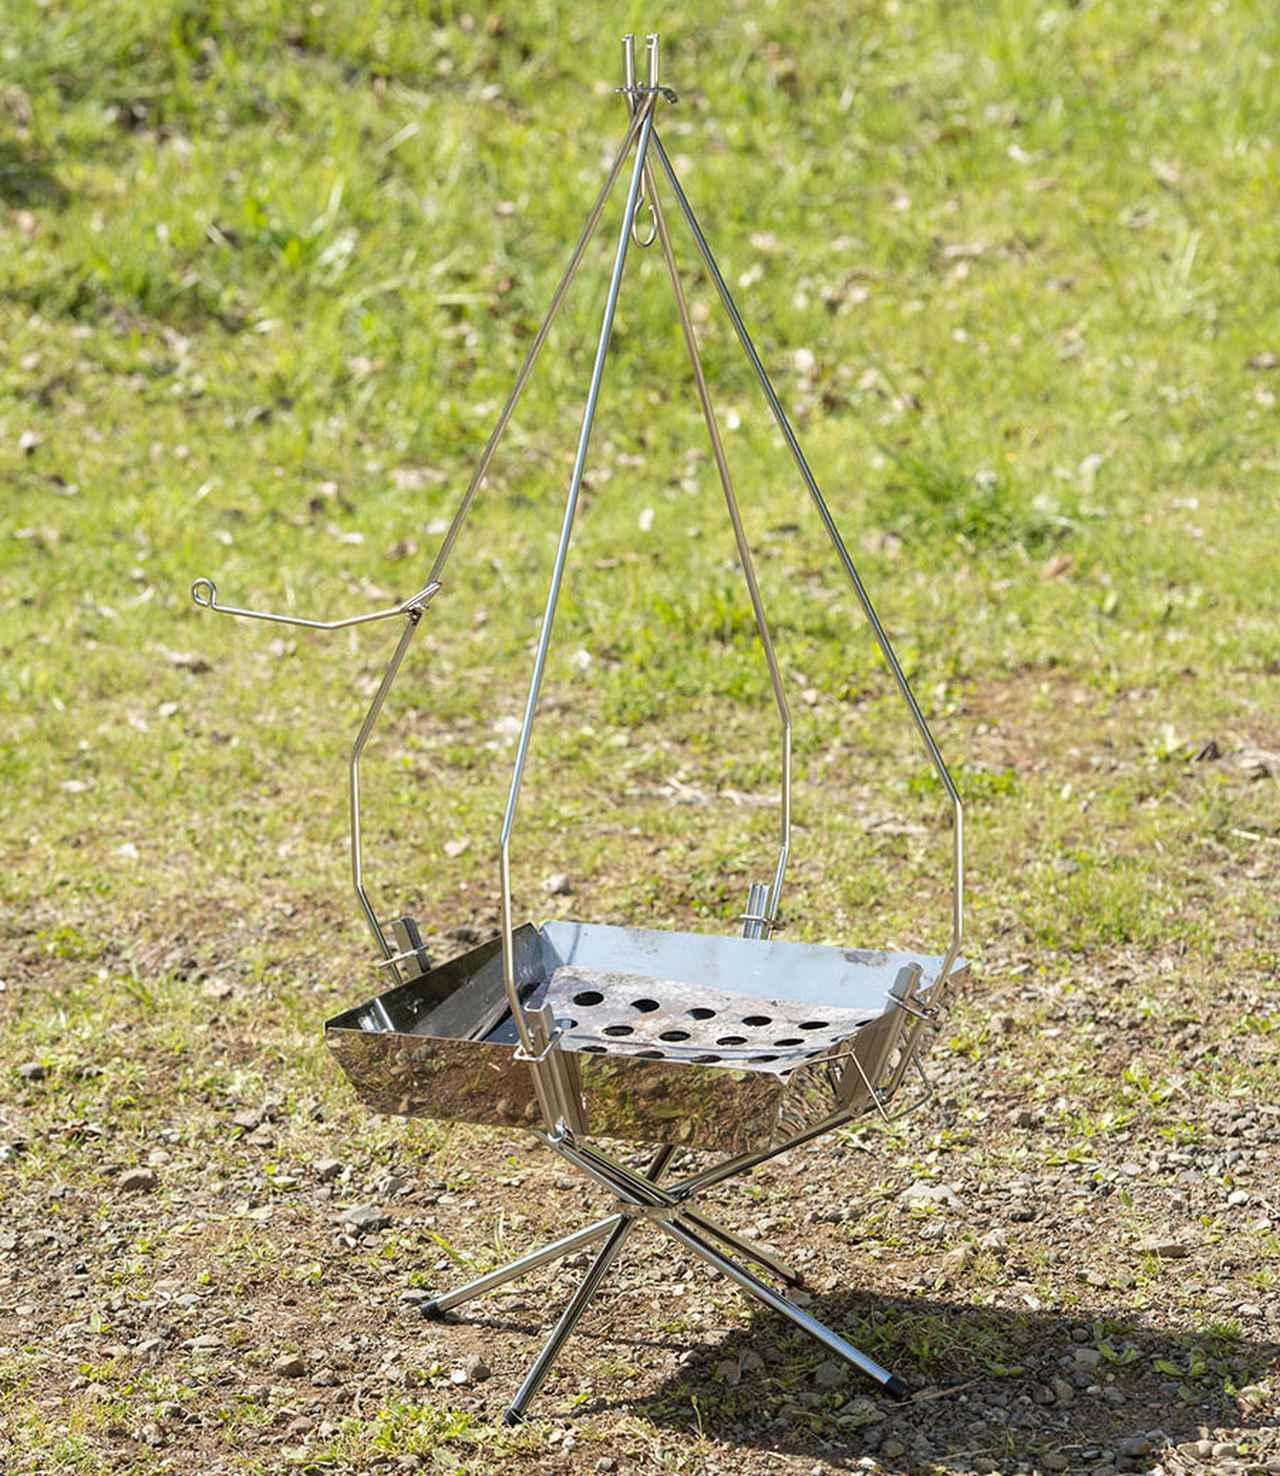 画像: トライポッドのように使える「FGポットハンガー」6900円(税込)。10インチまでのダッチオーブンを吊るすことができる。